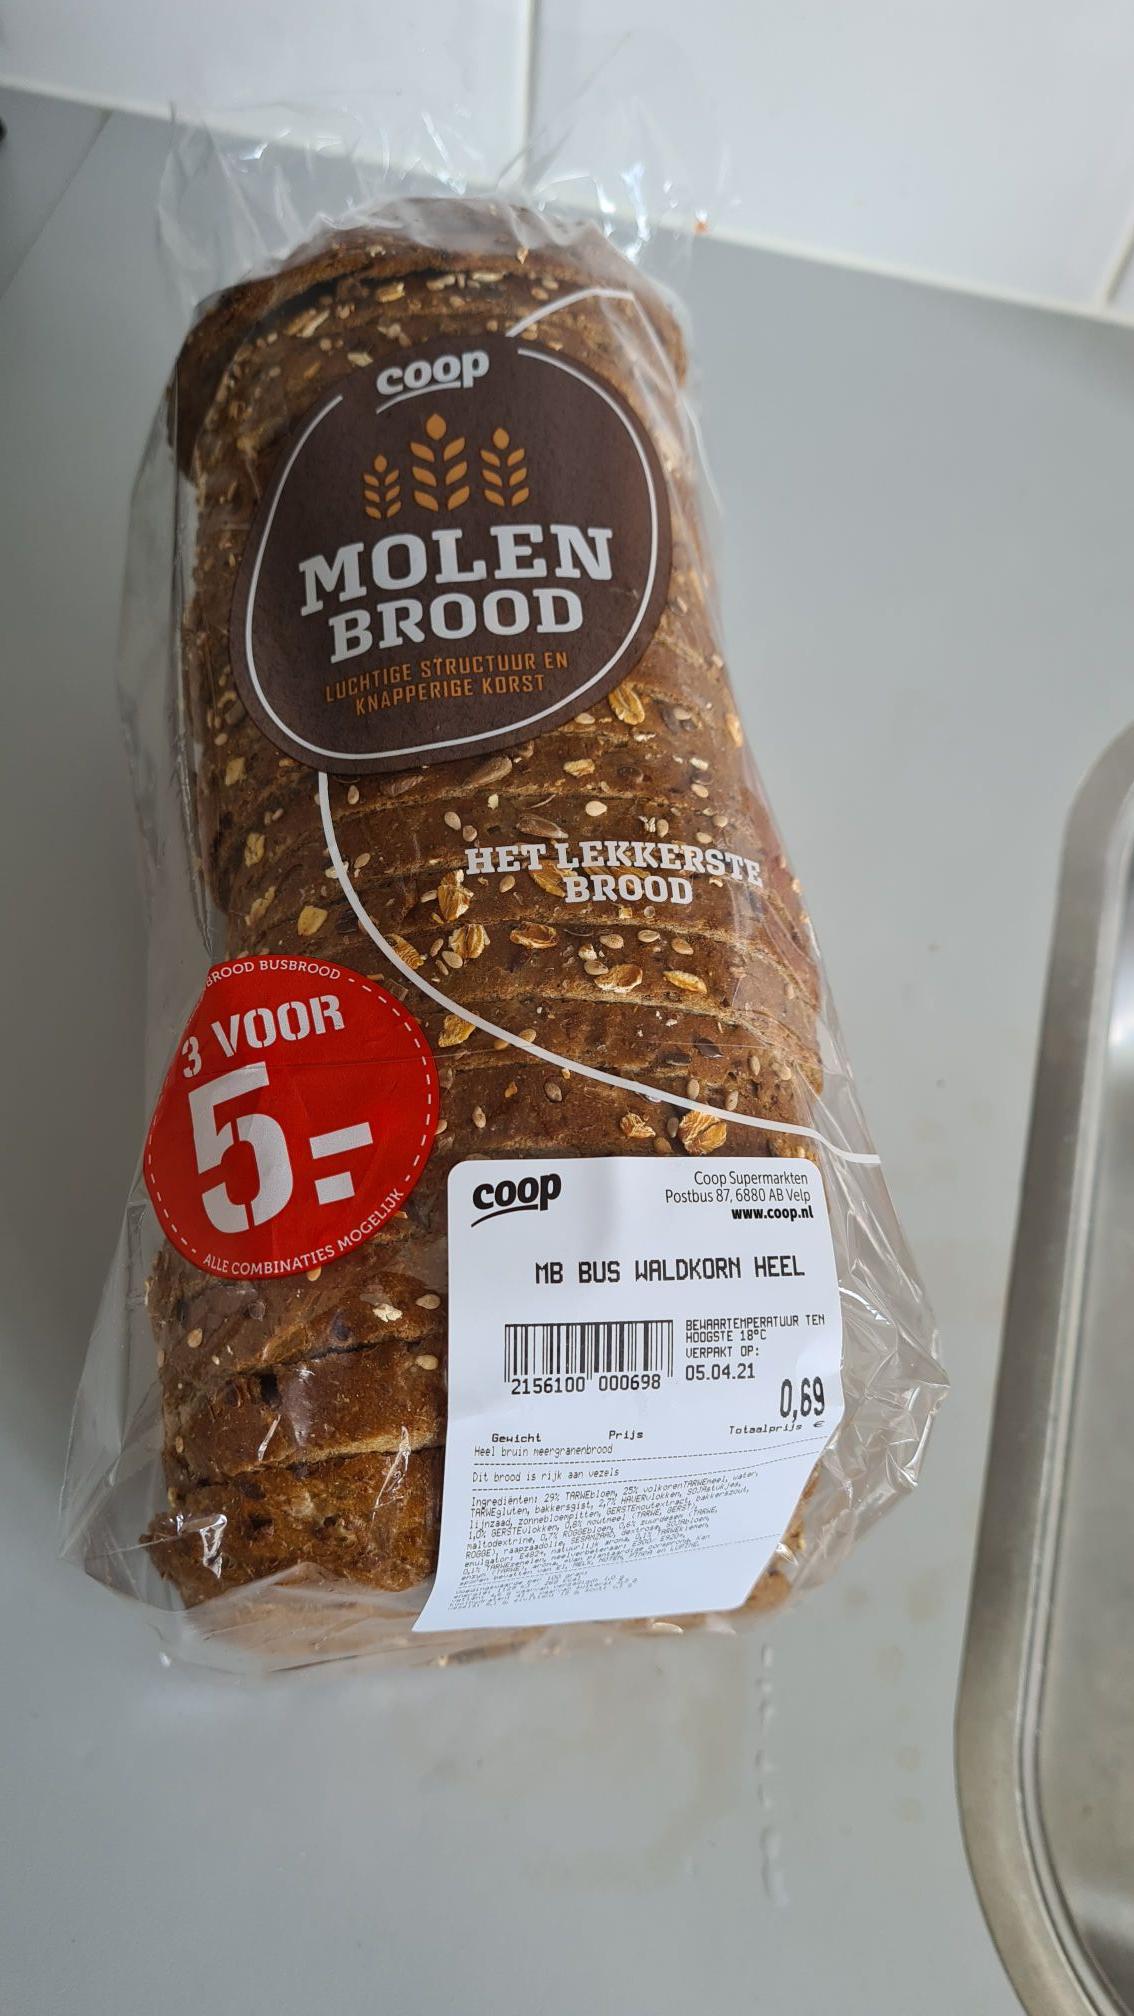 LOKAAL COOP Vandaag Oostzeedijk 310 Rotterdam - heel Waldkorn brood